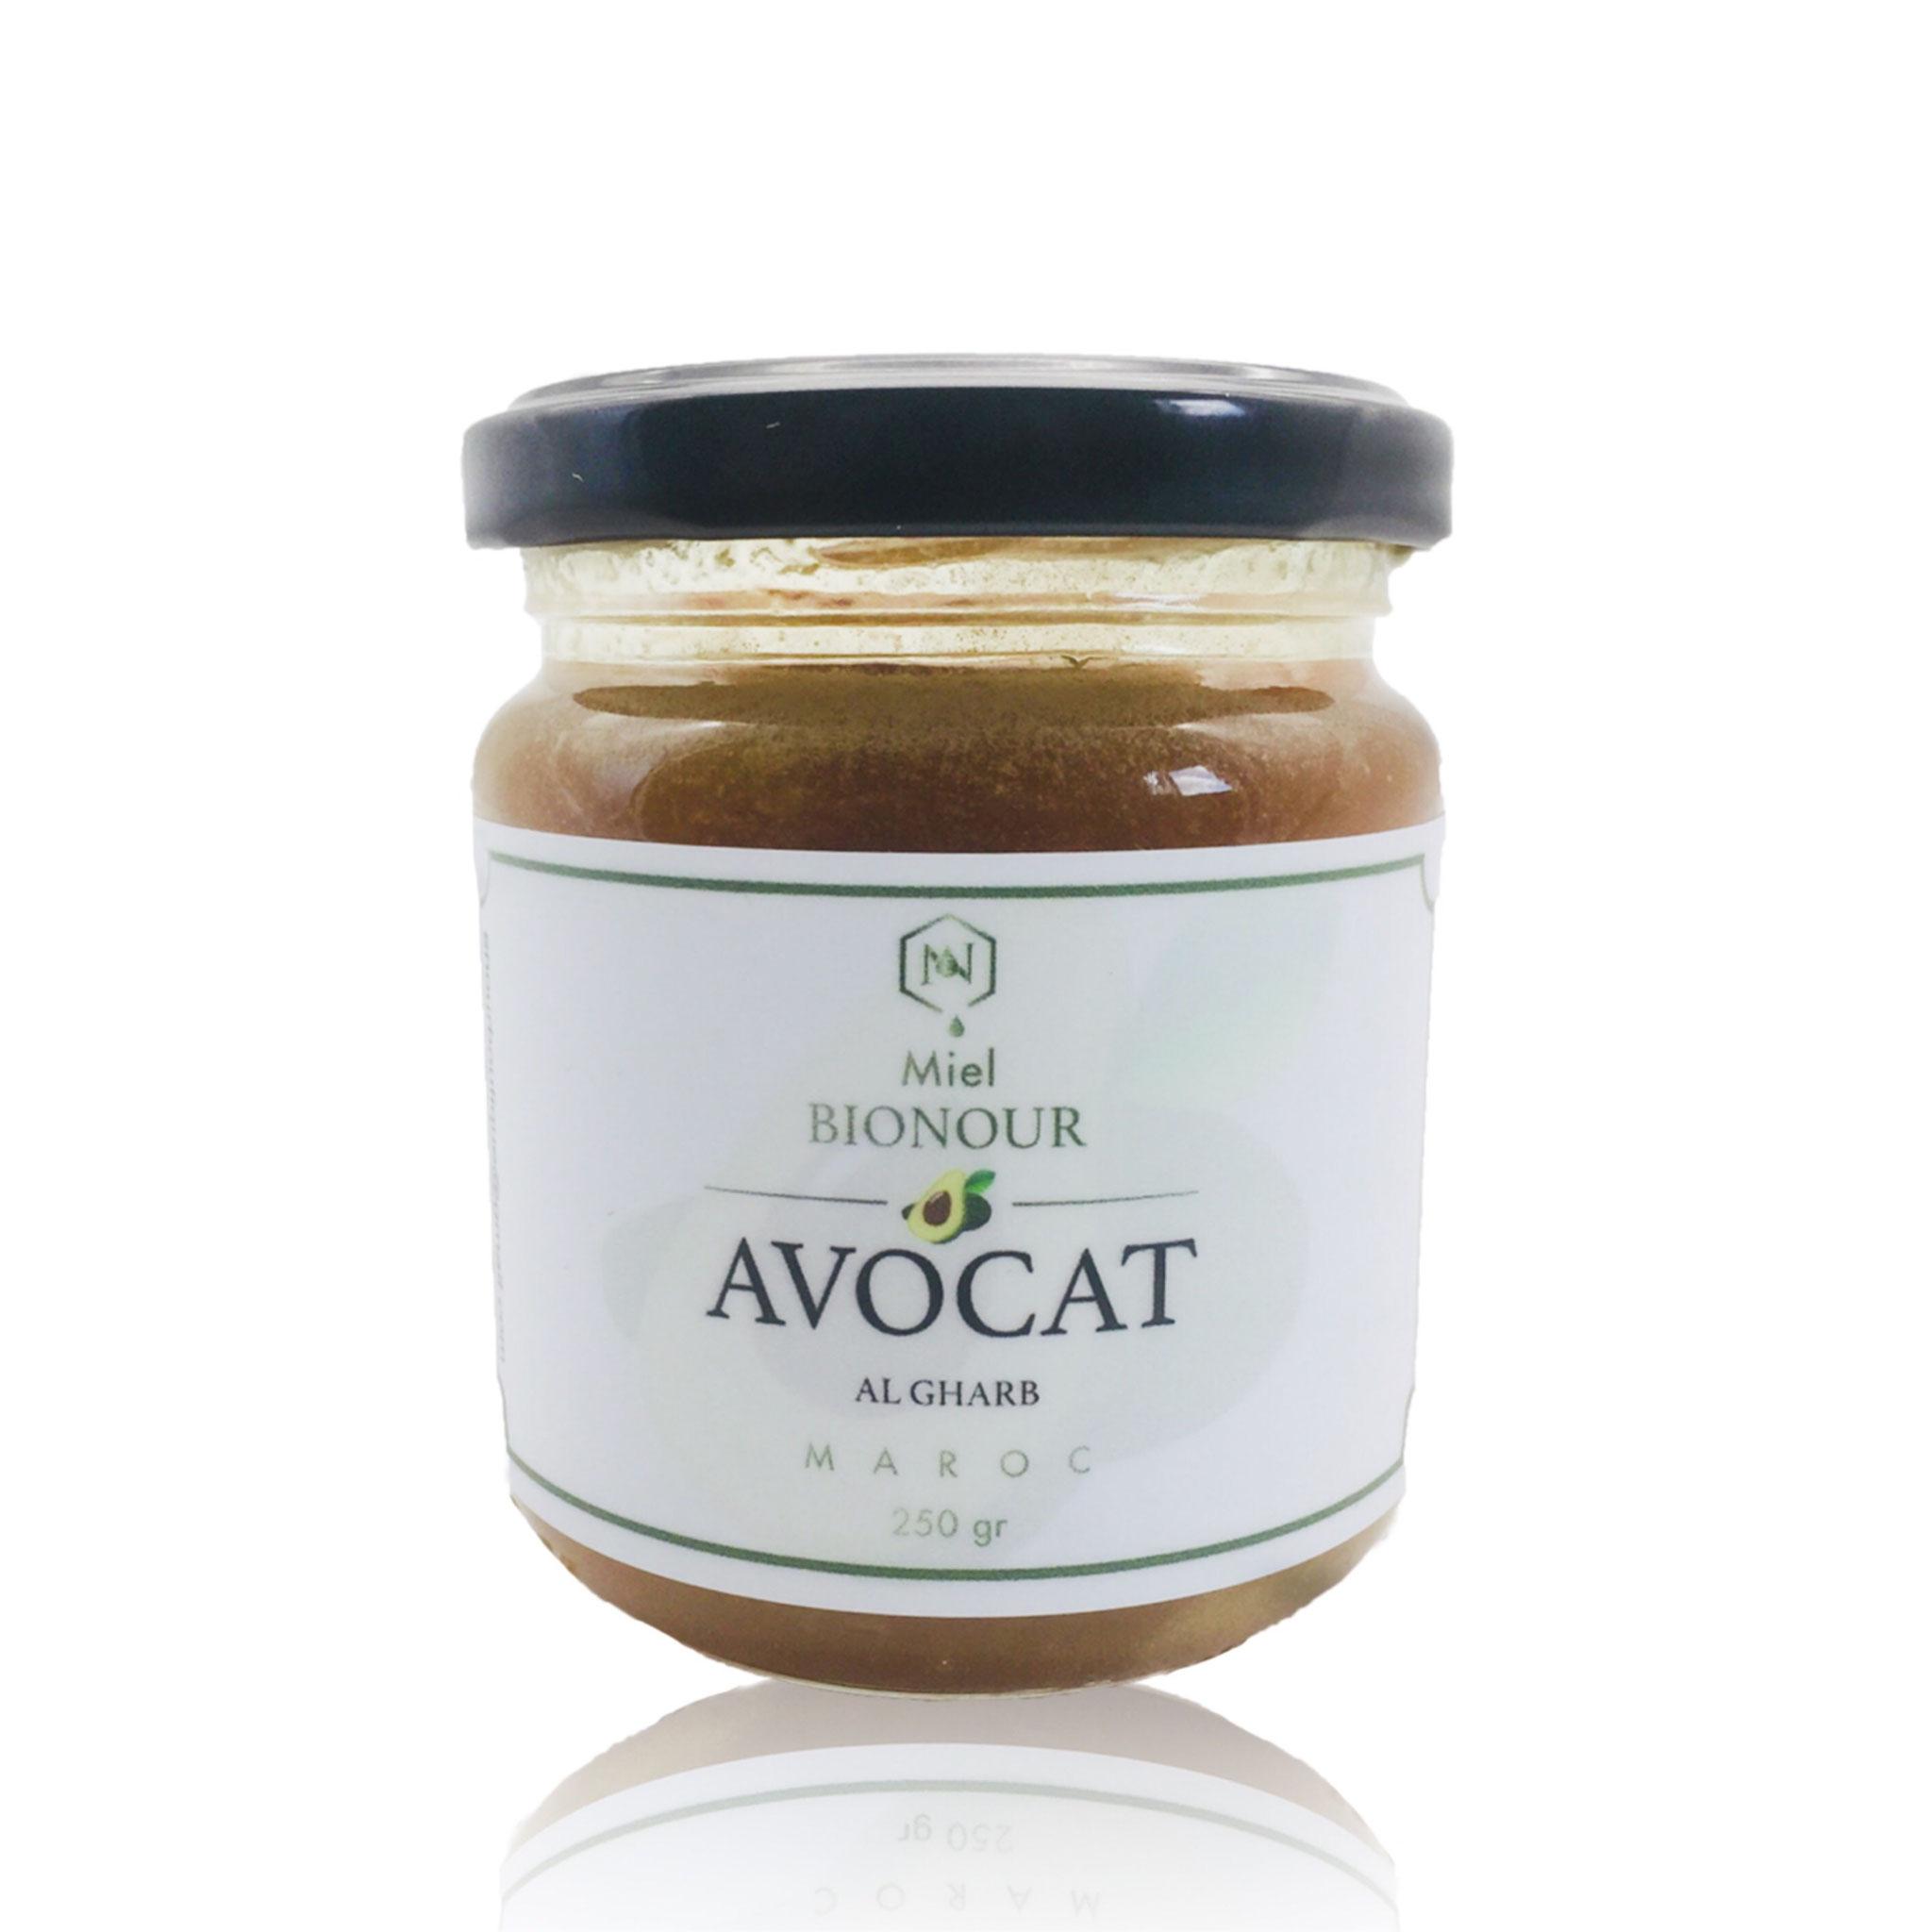 Miel d' Avocat